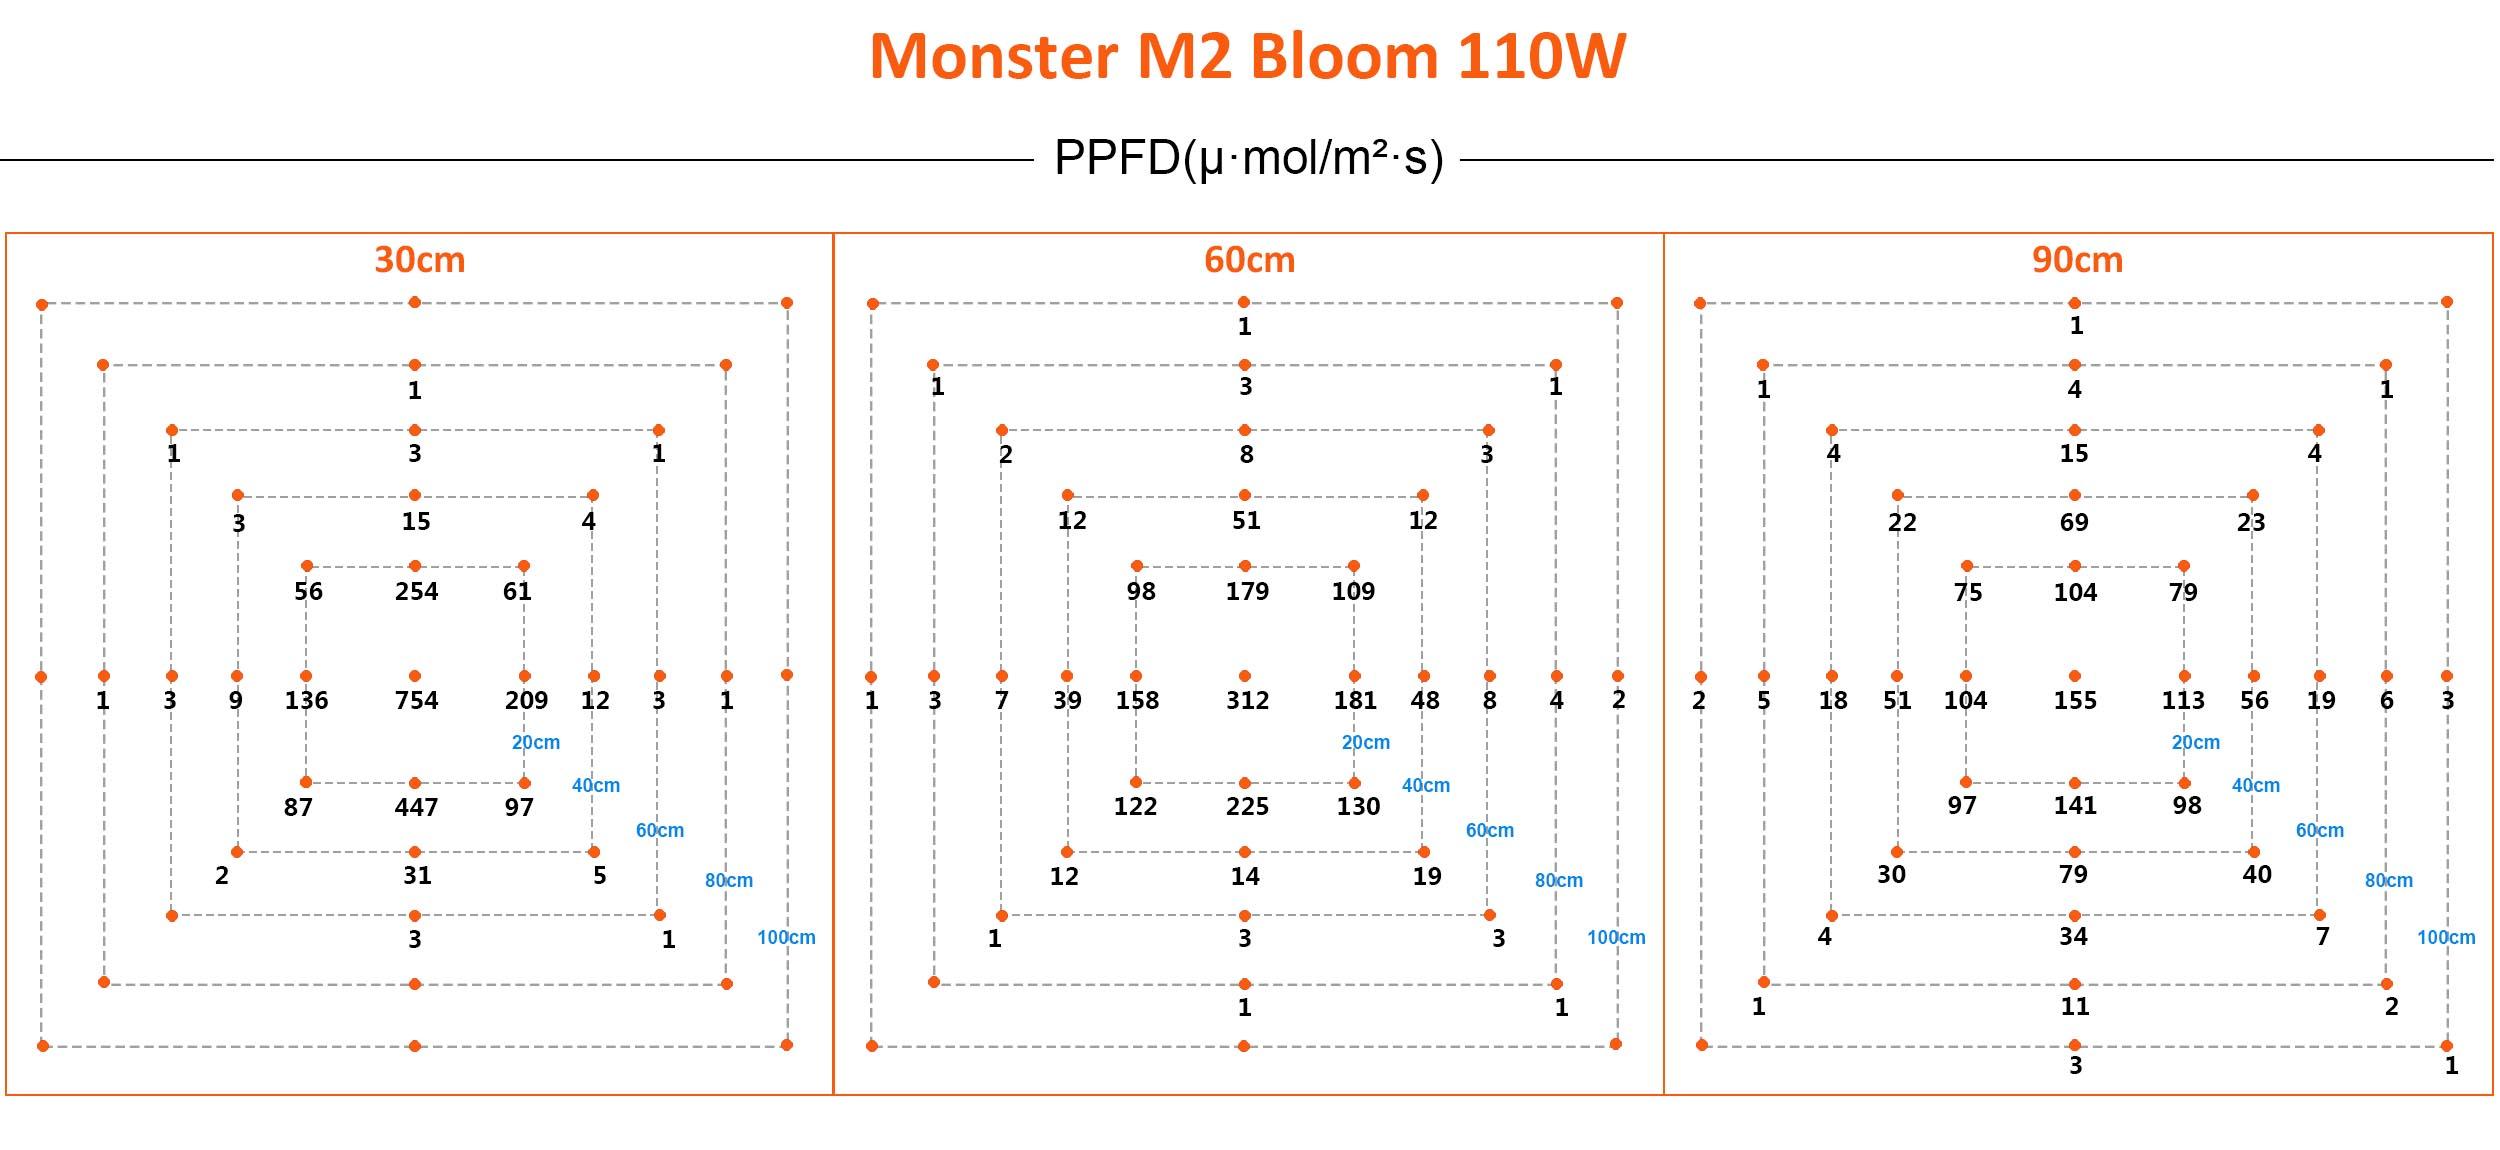 Monster M2 Blüte PPFD Werte